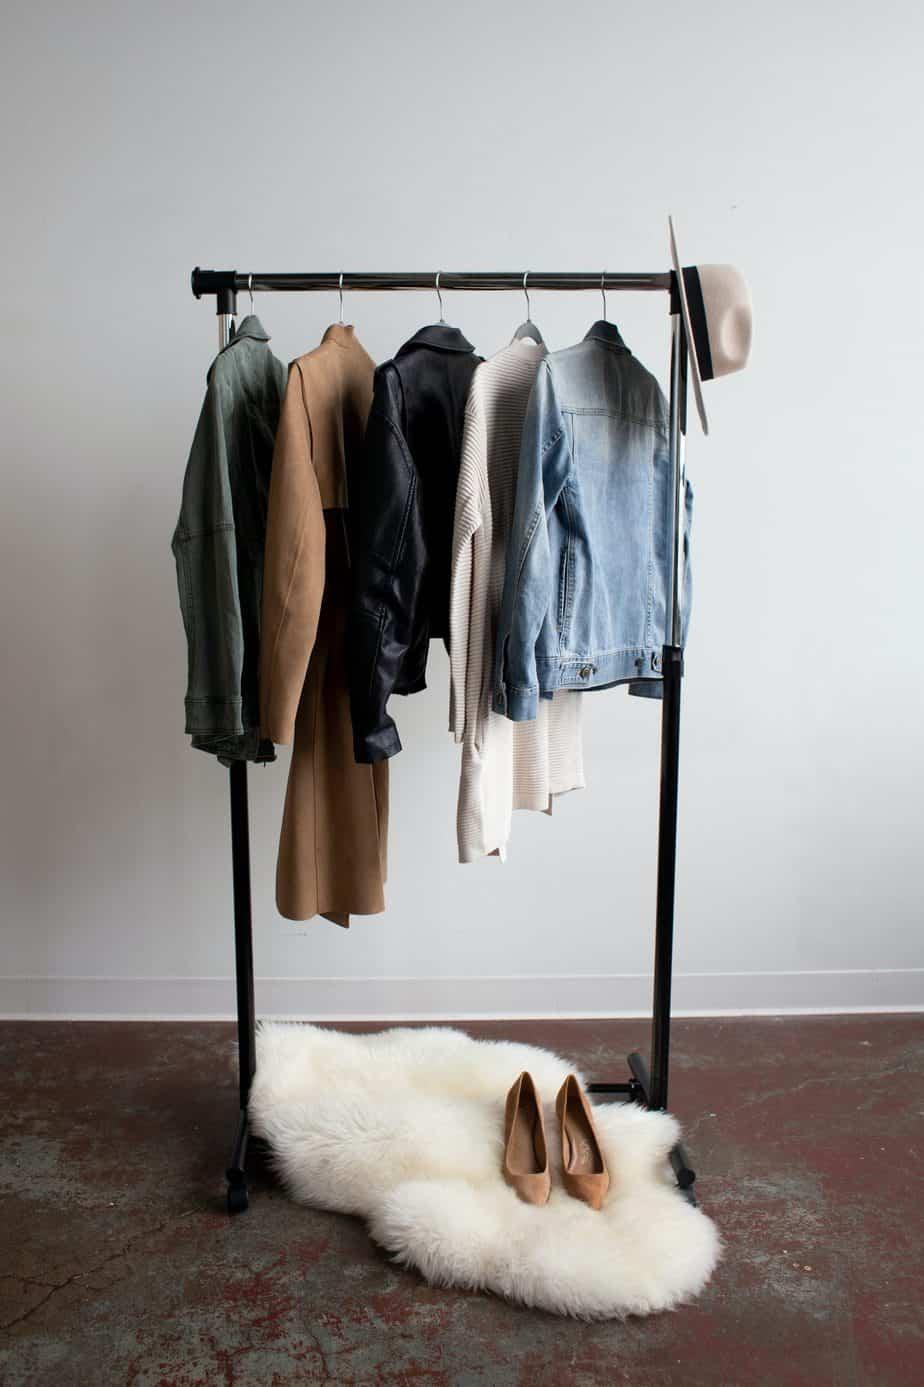 Cómo prepararse para guardar la ropa en una unidad de almacenamiento